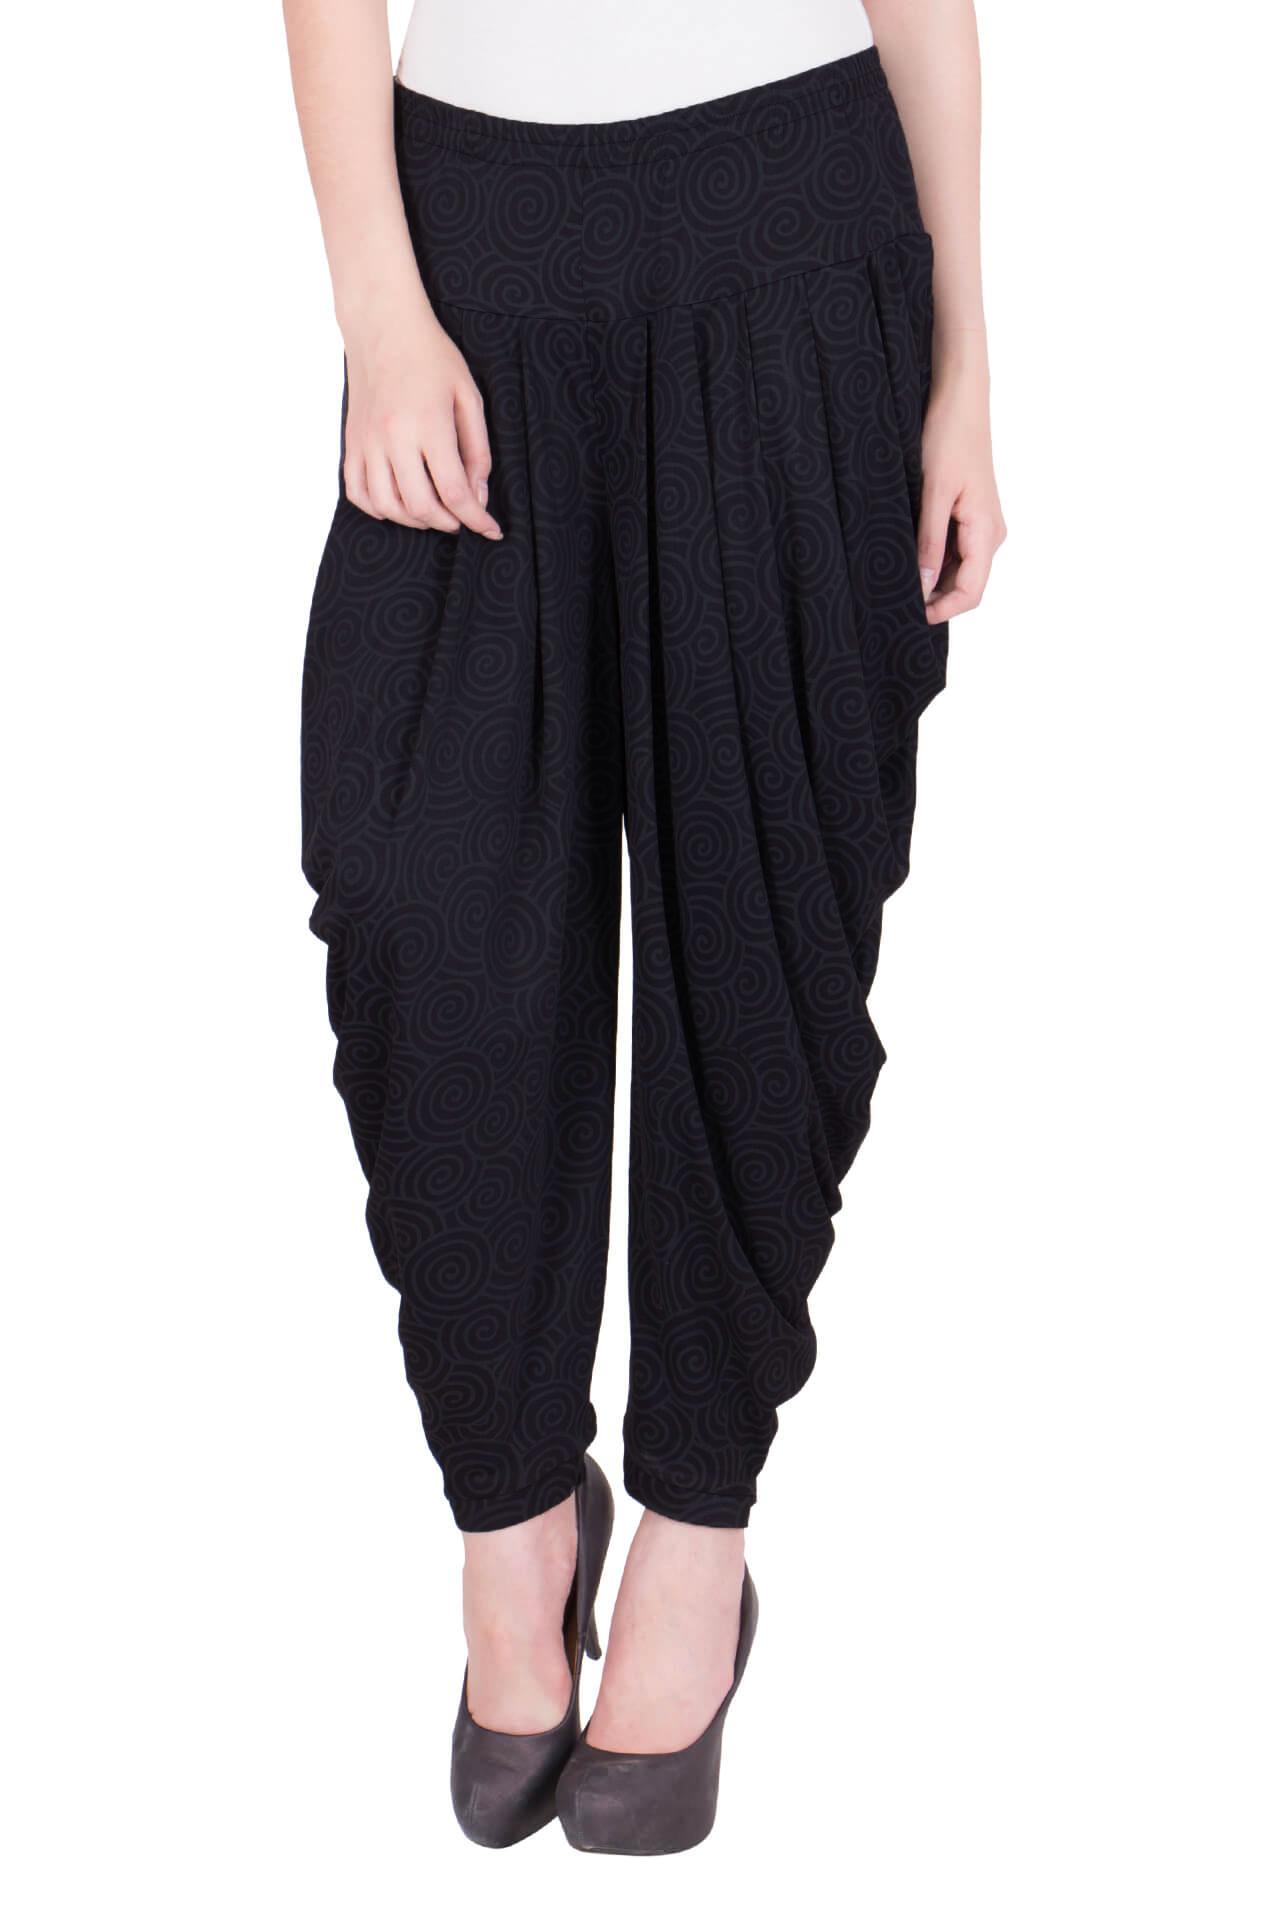 c0e3e6943 Black Geometric Printed Dhoti Harem Pants for Girls   Women – Zubix ...